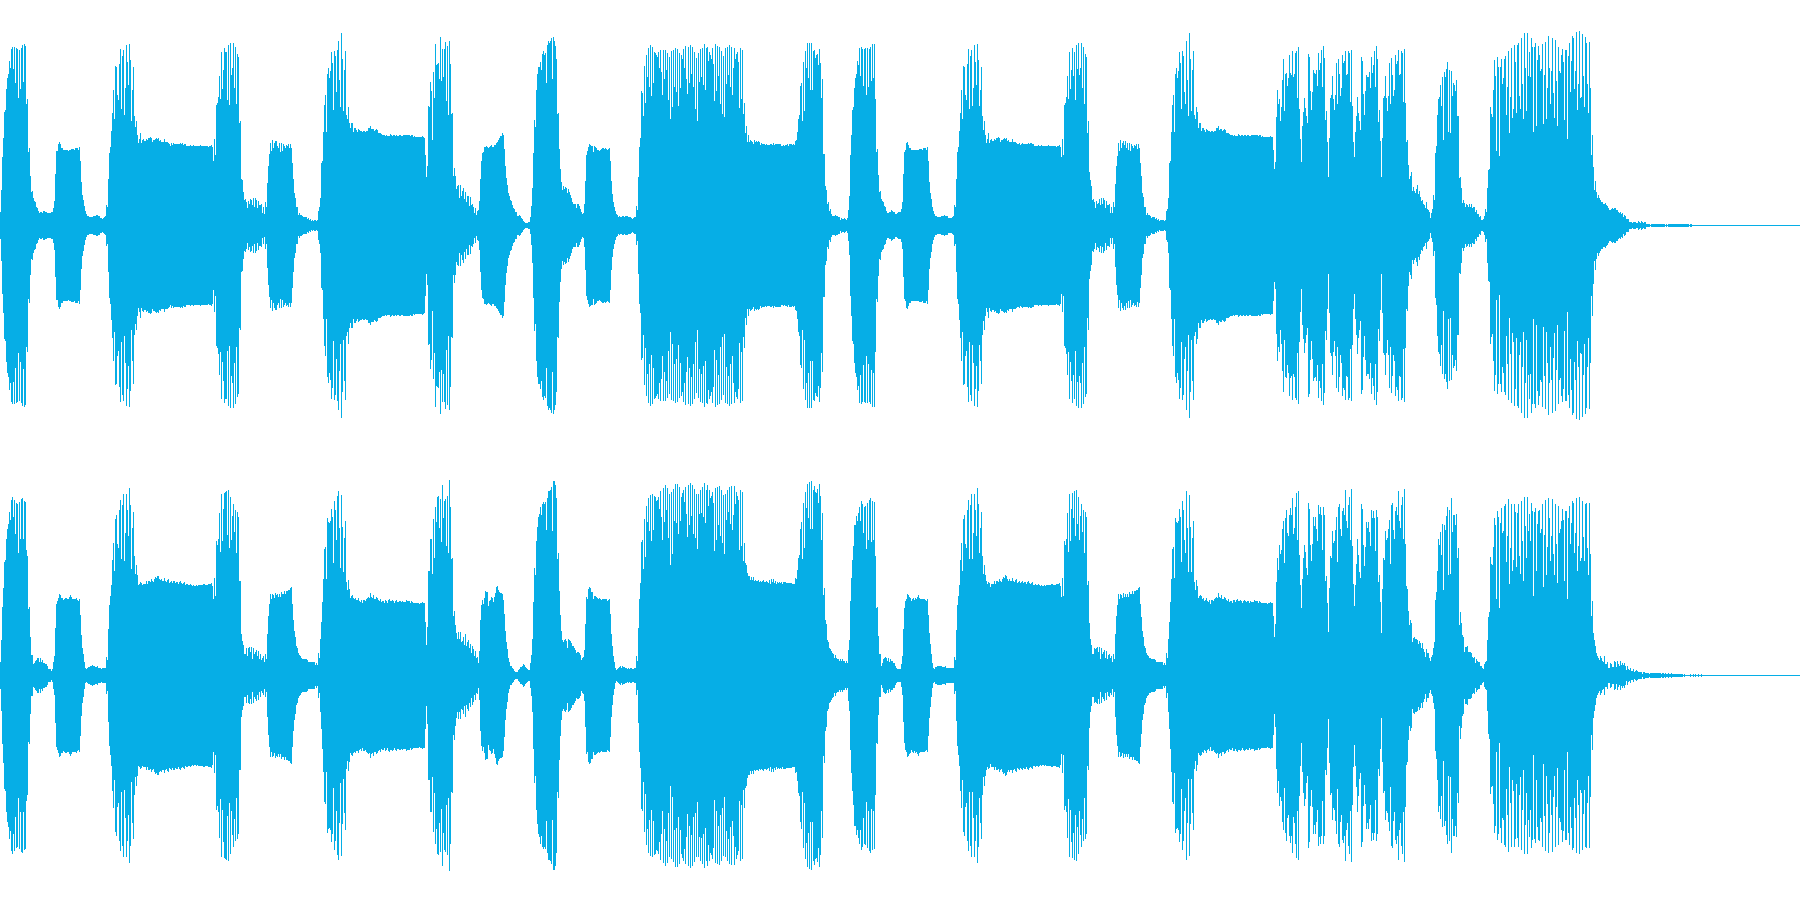 うきうき気分なリコーダージングルの再生済みの波形